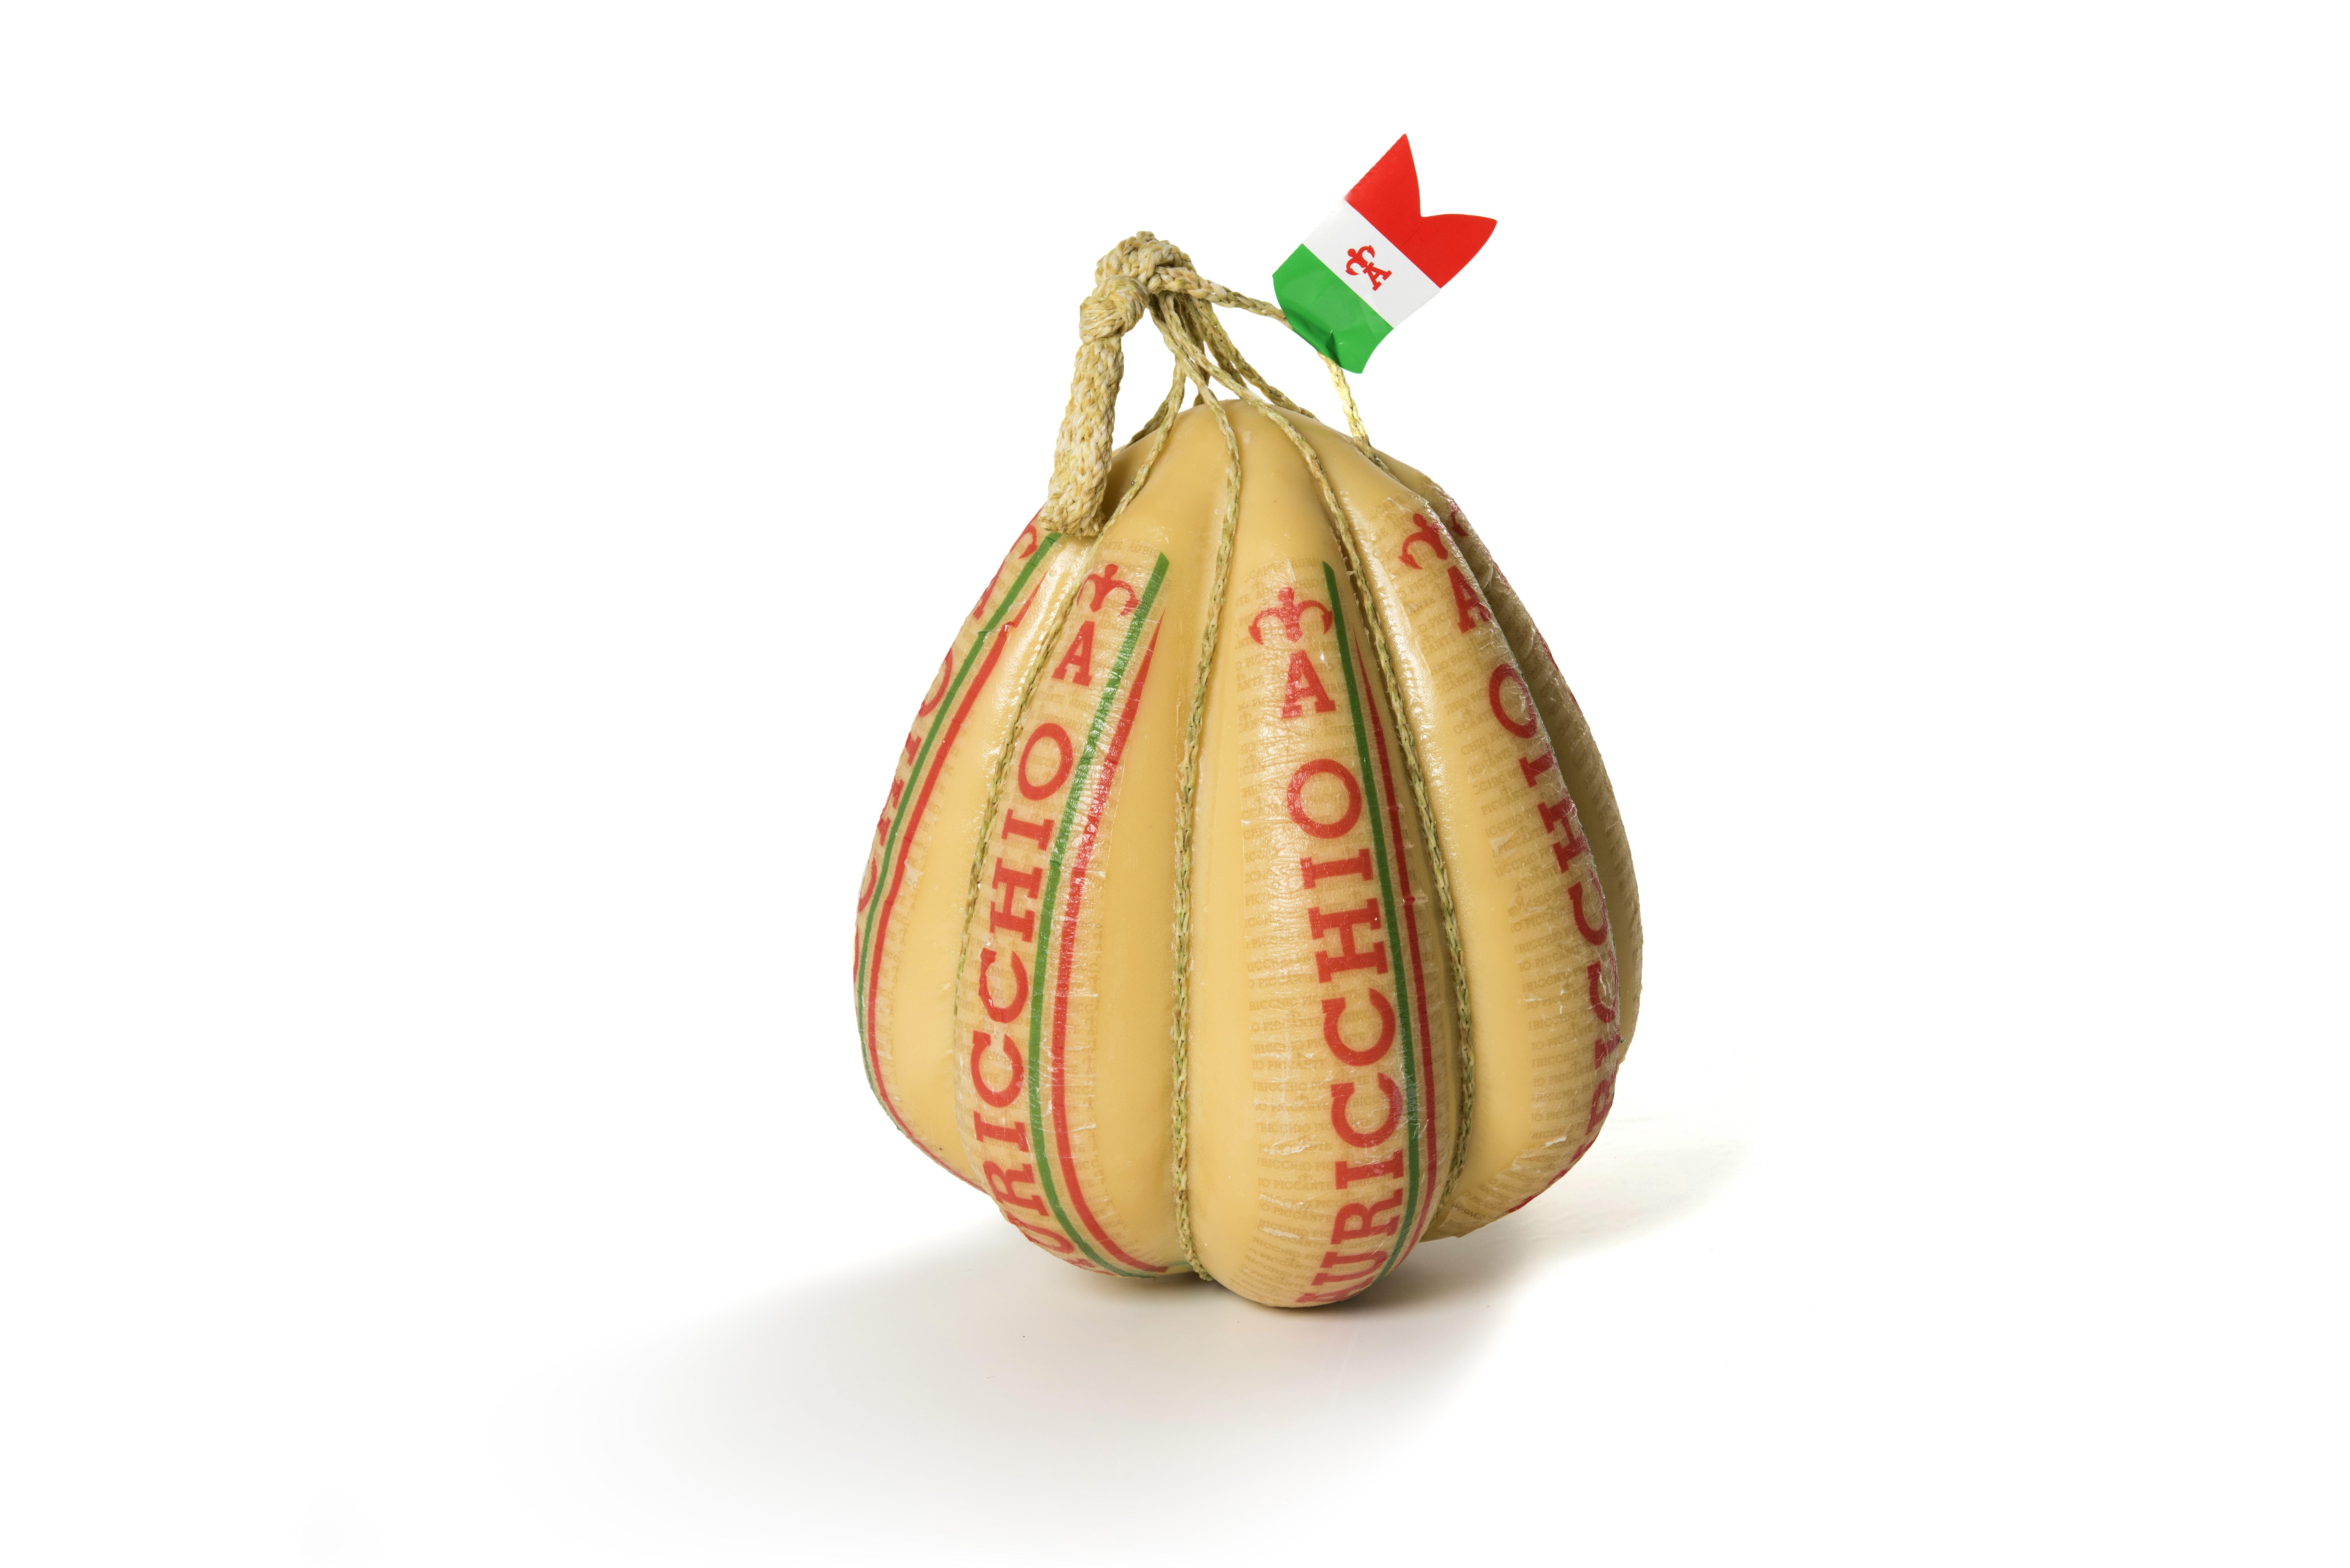 Auricchio Provolone Classico Mandarino